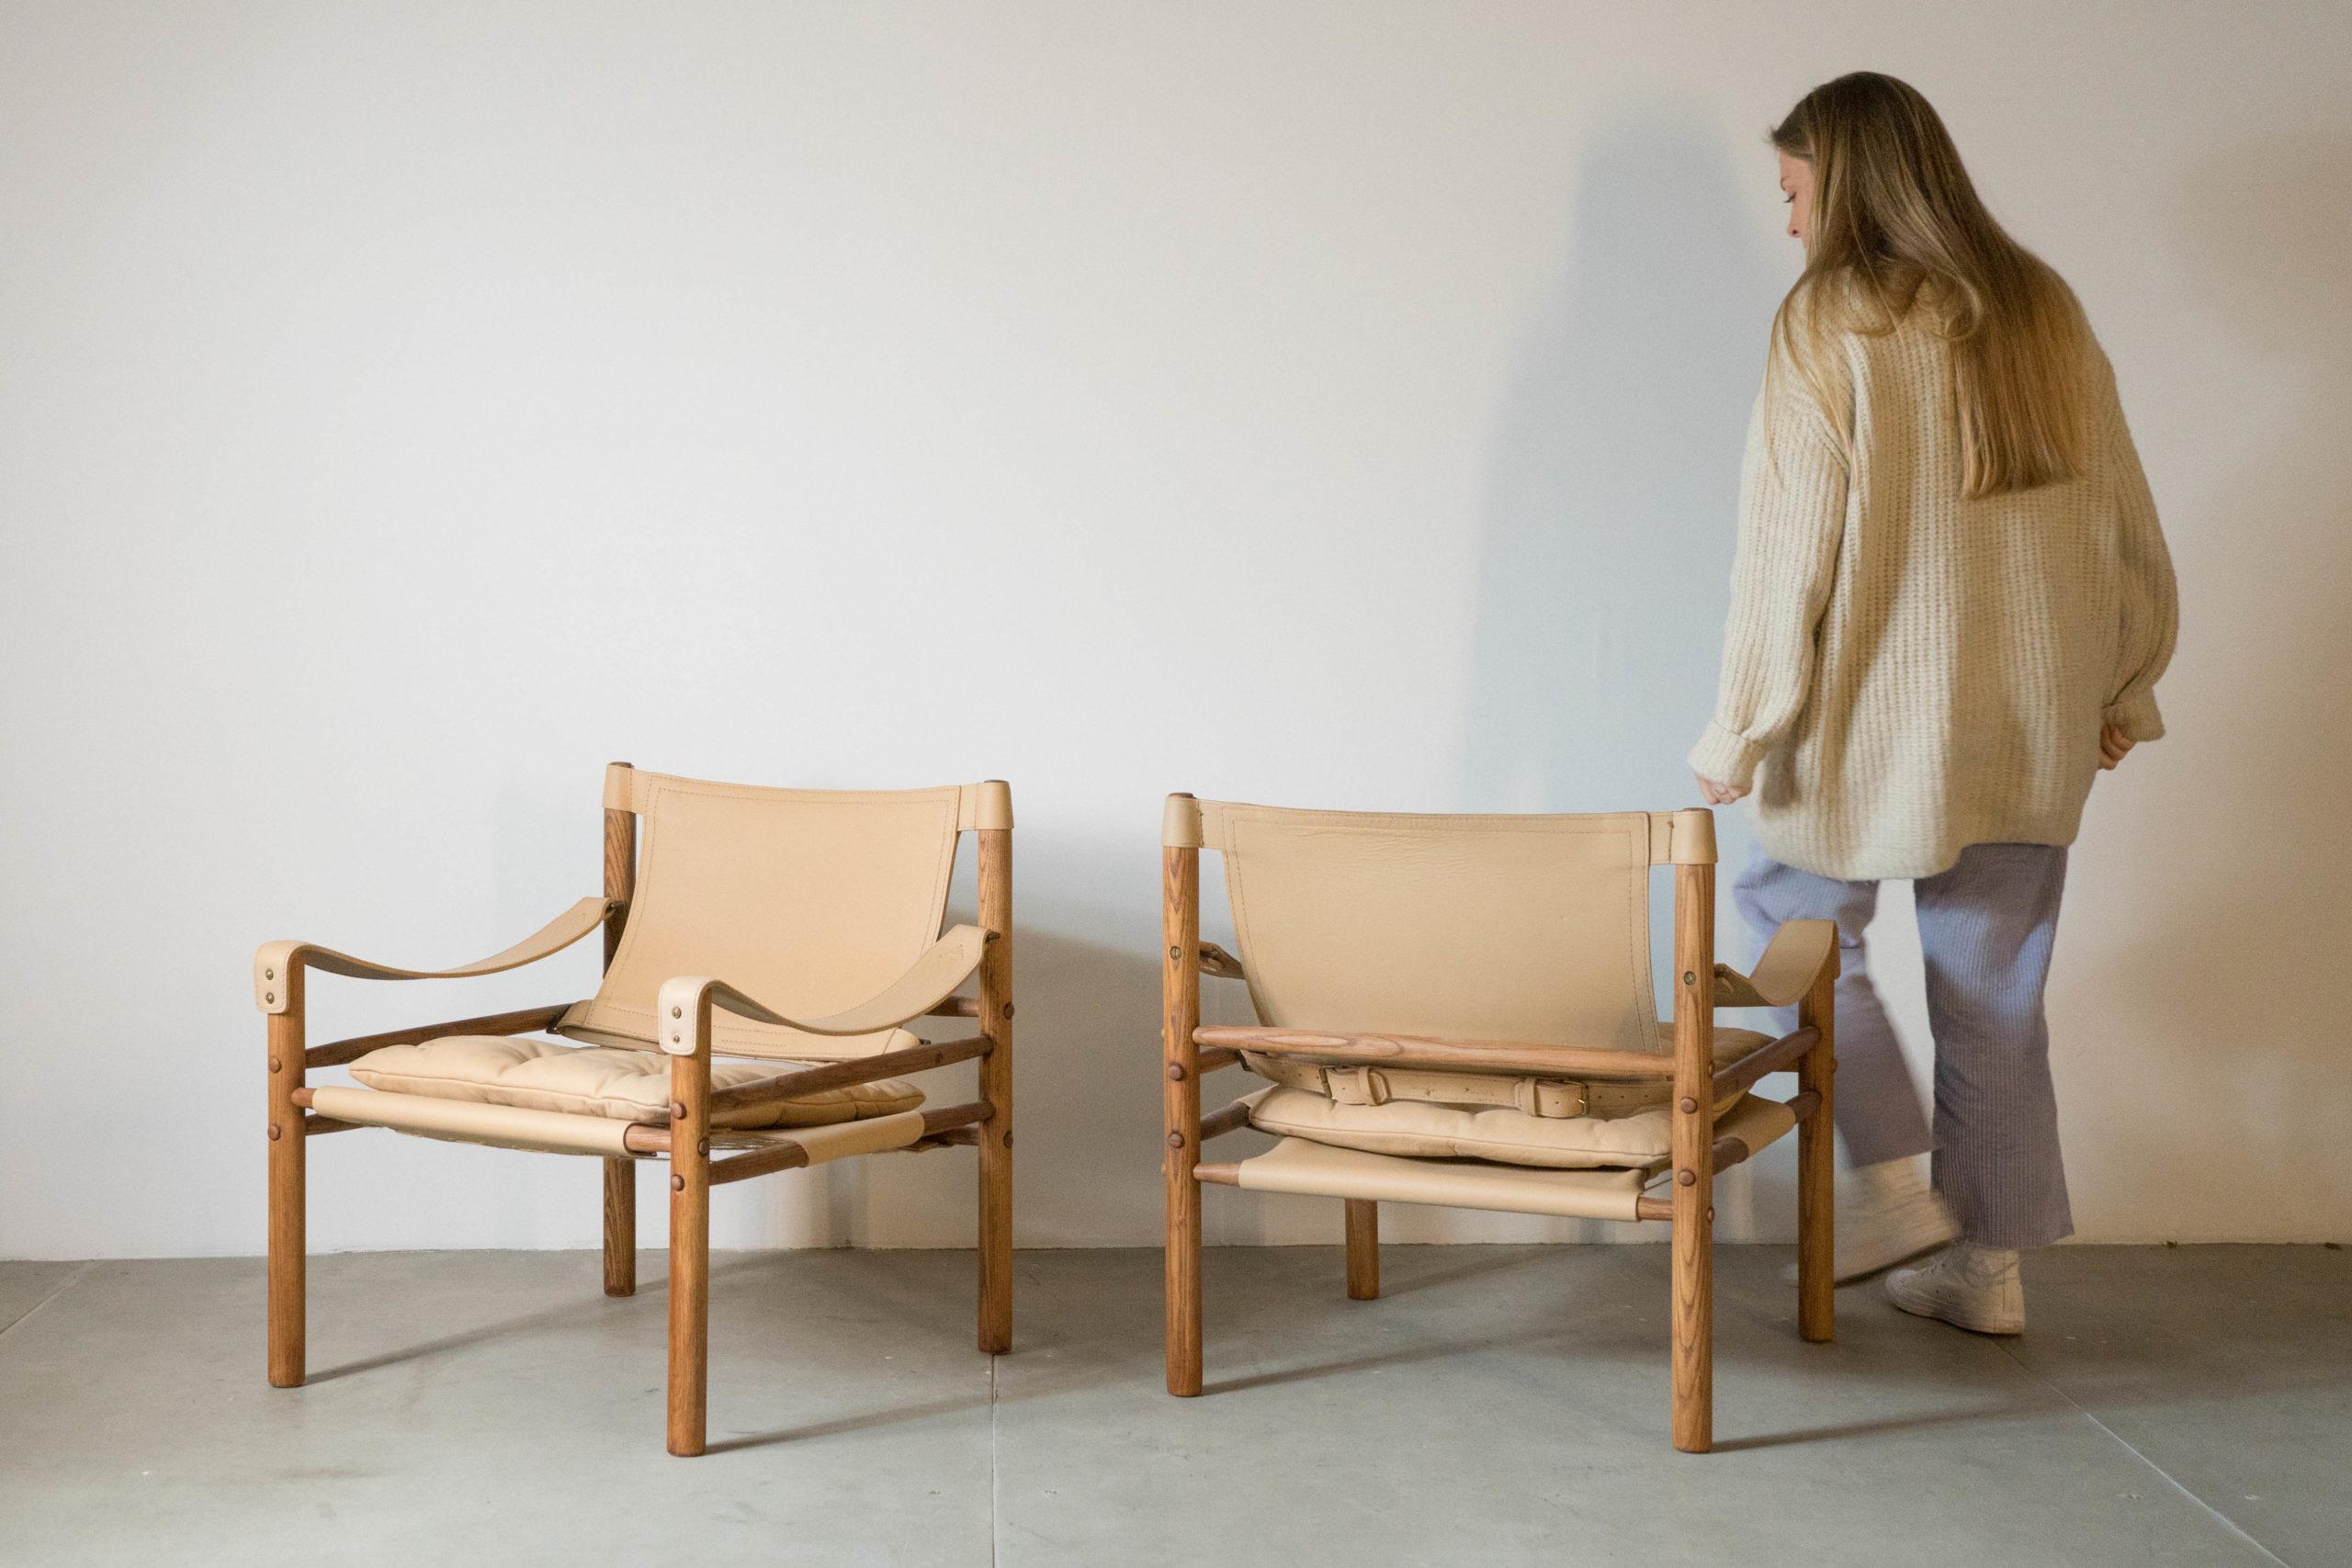 butacas beige de madera vintage